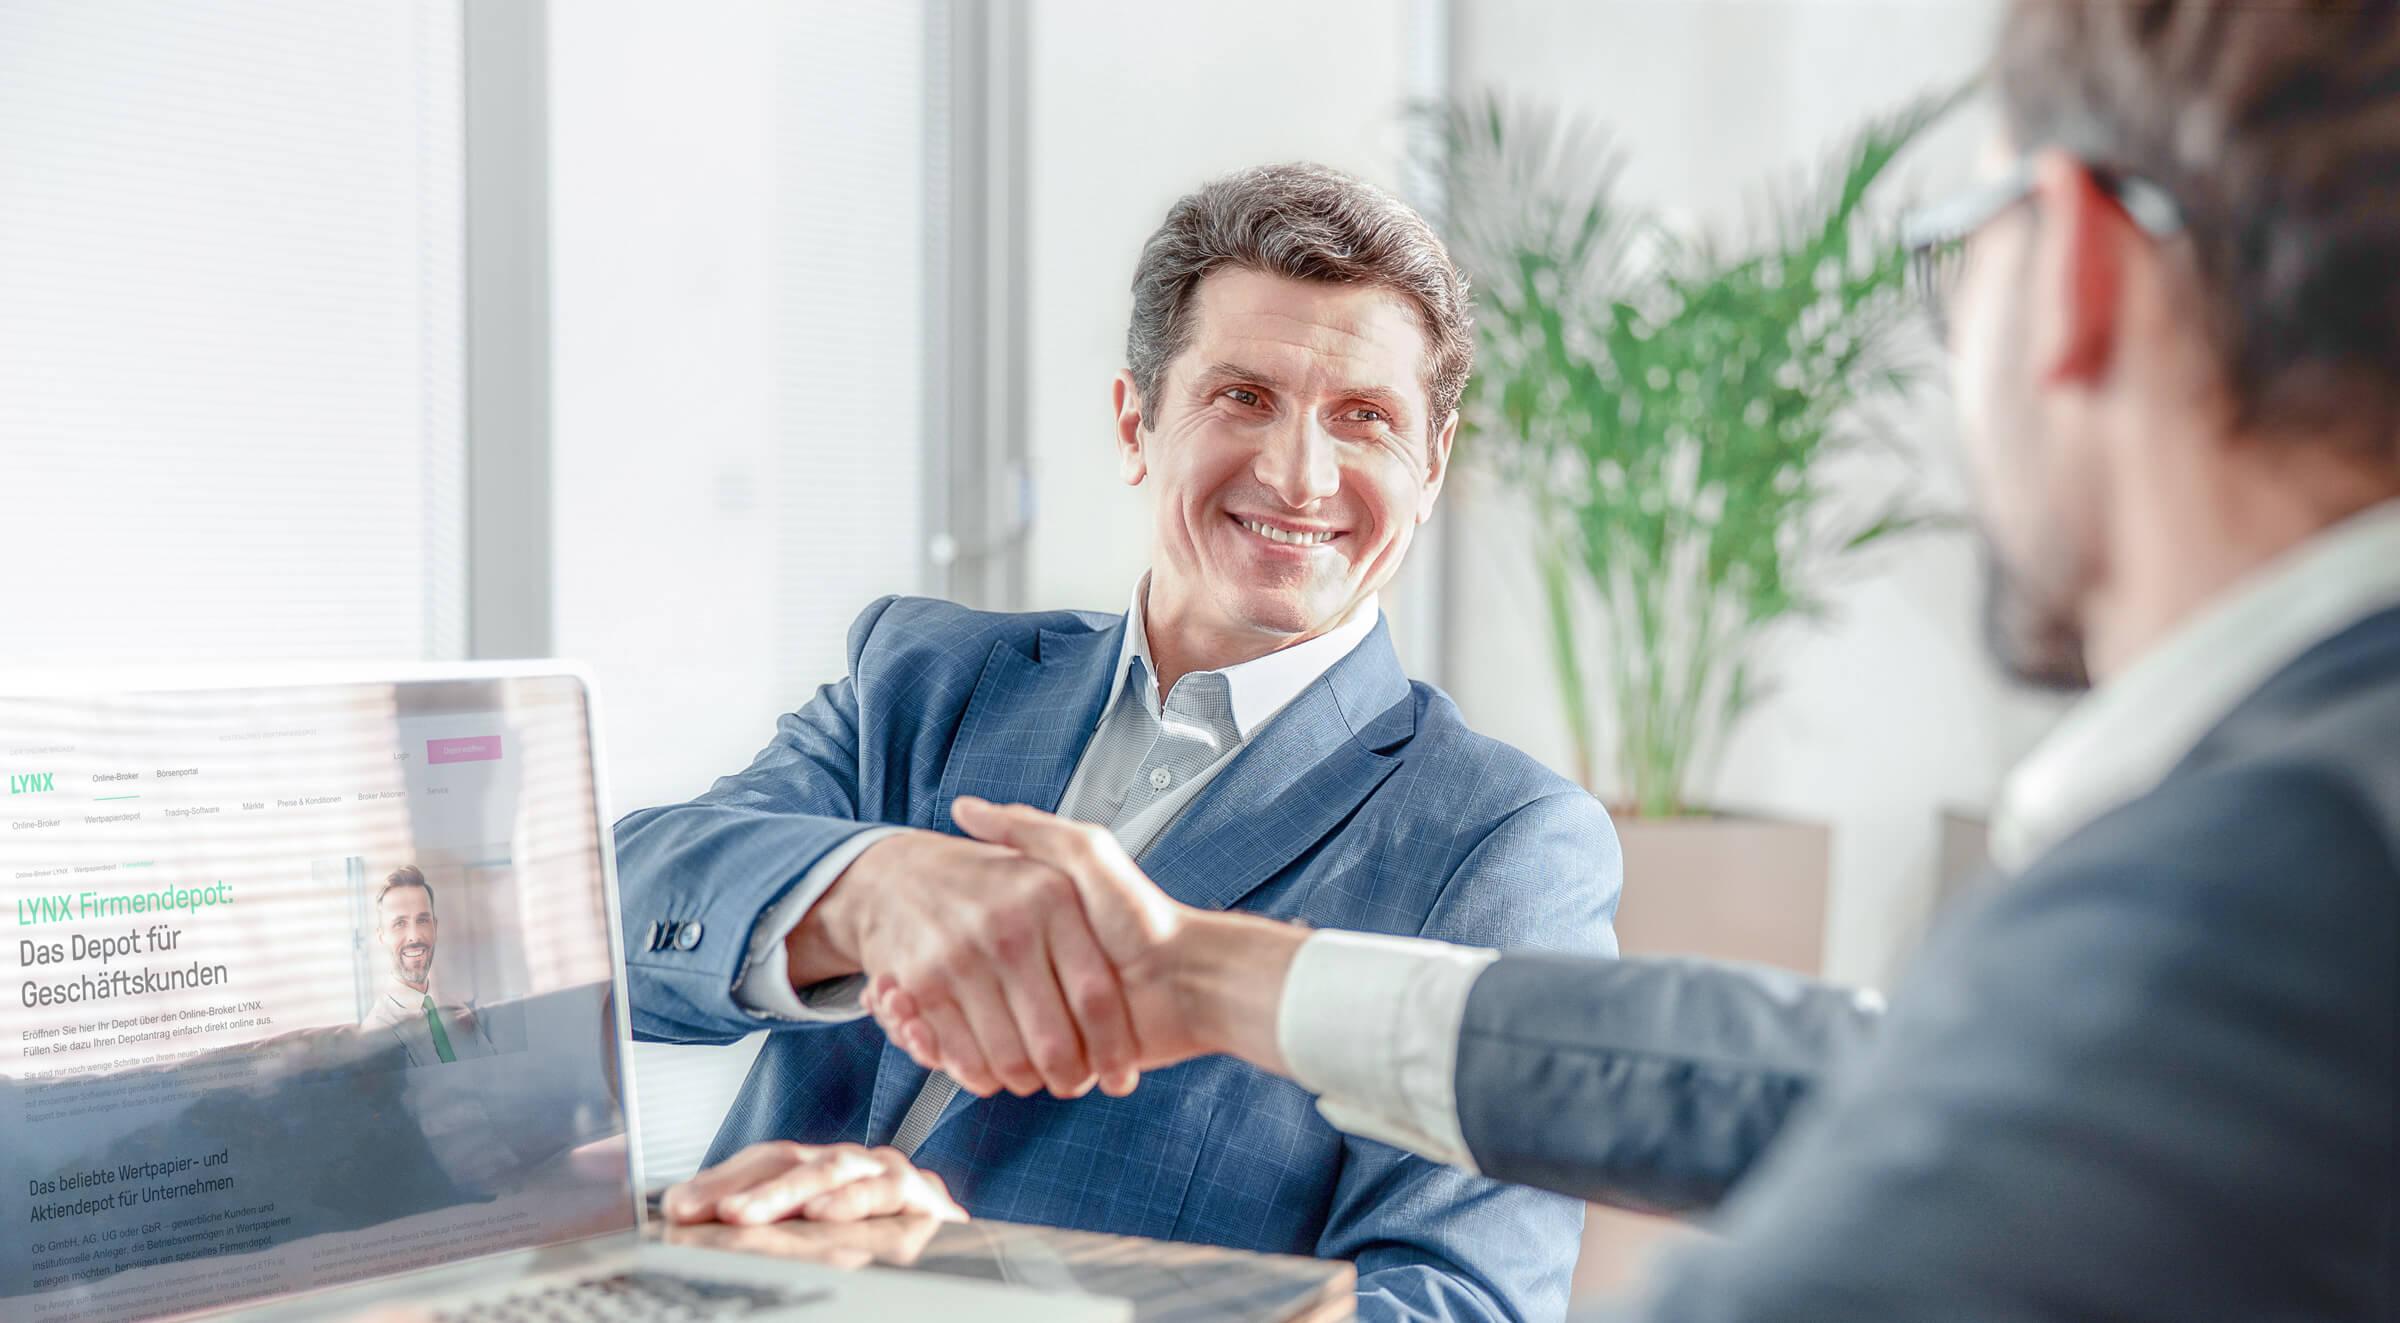 Nadšený investor podávající si ruku s pracovníkem LYNX poté, co si otevřel firemní účet